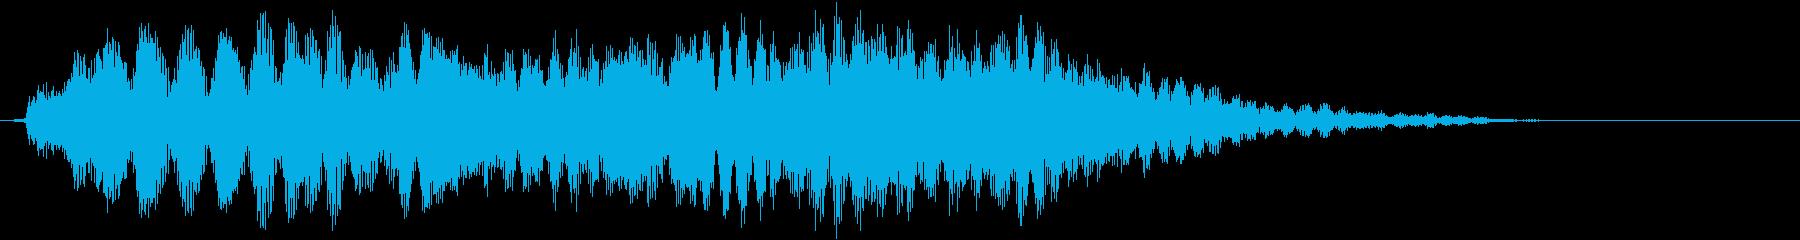 神聖キャラ降臨の再生済みの波形